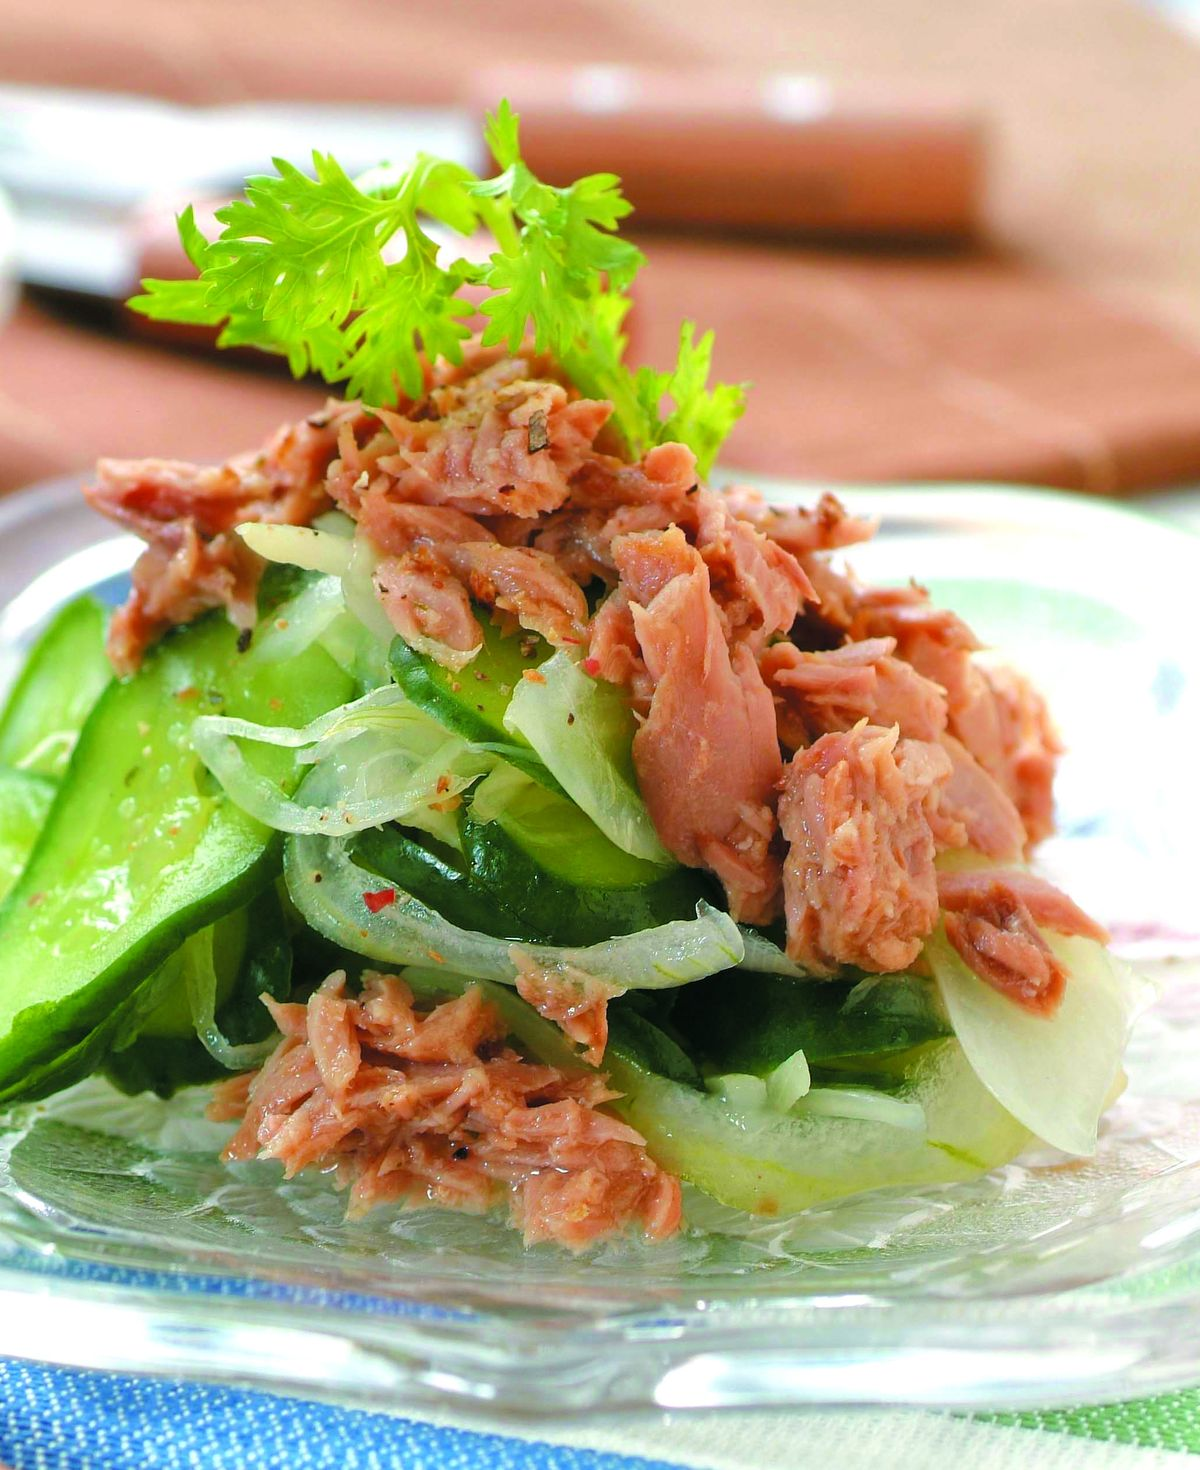 食譜:鮪魚拌小黃瓜片